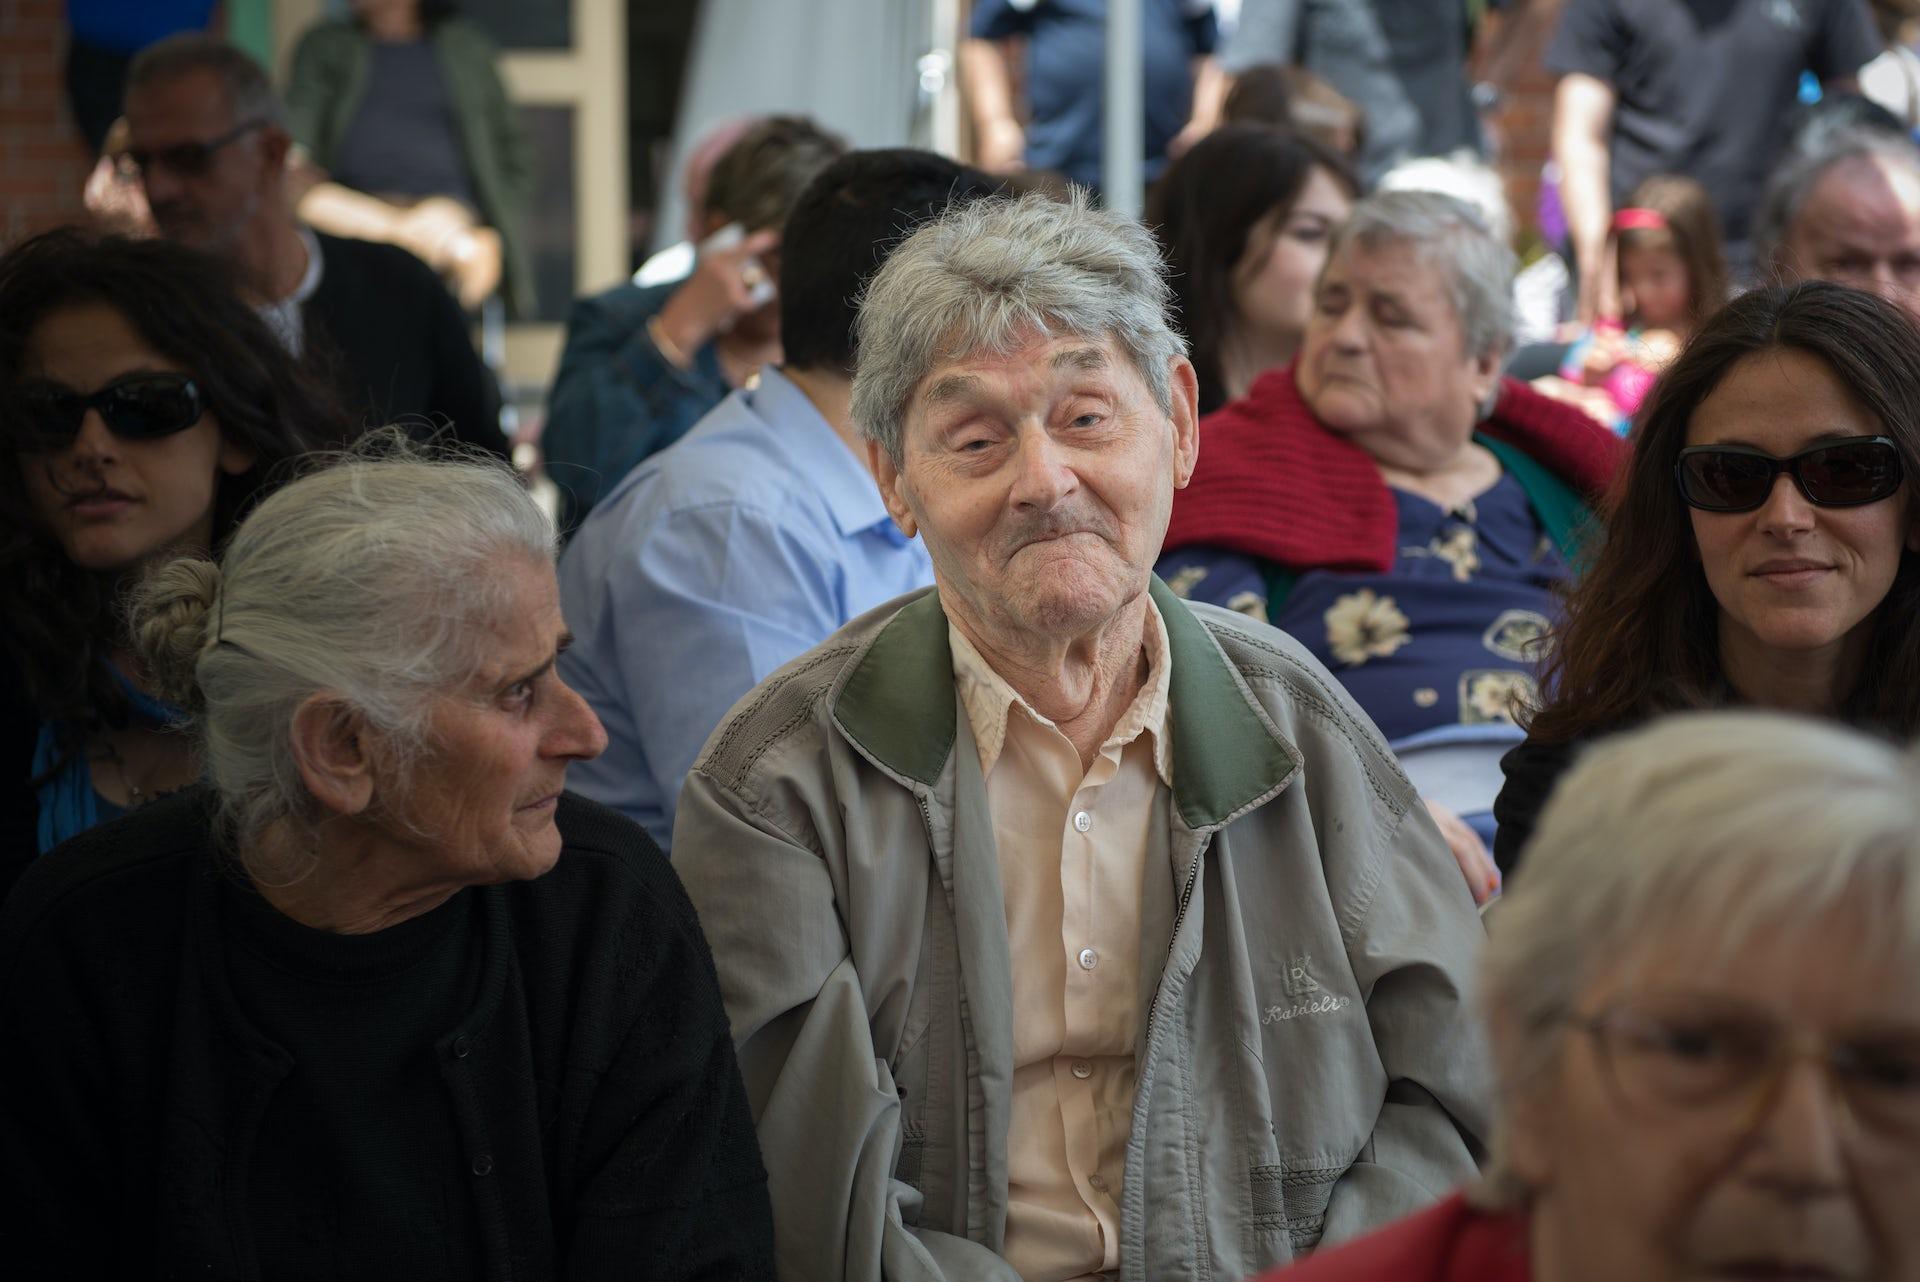 Antipsychotic drugs harm older people, let's reduce their use